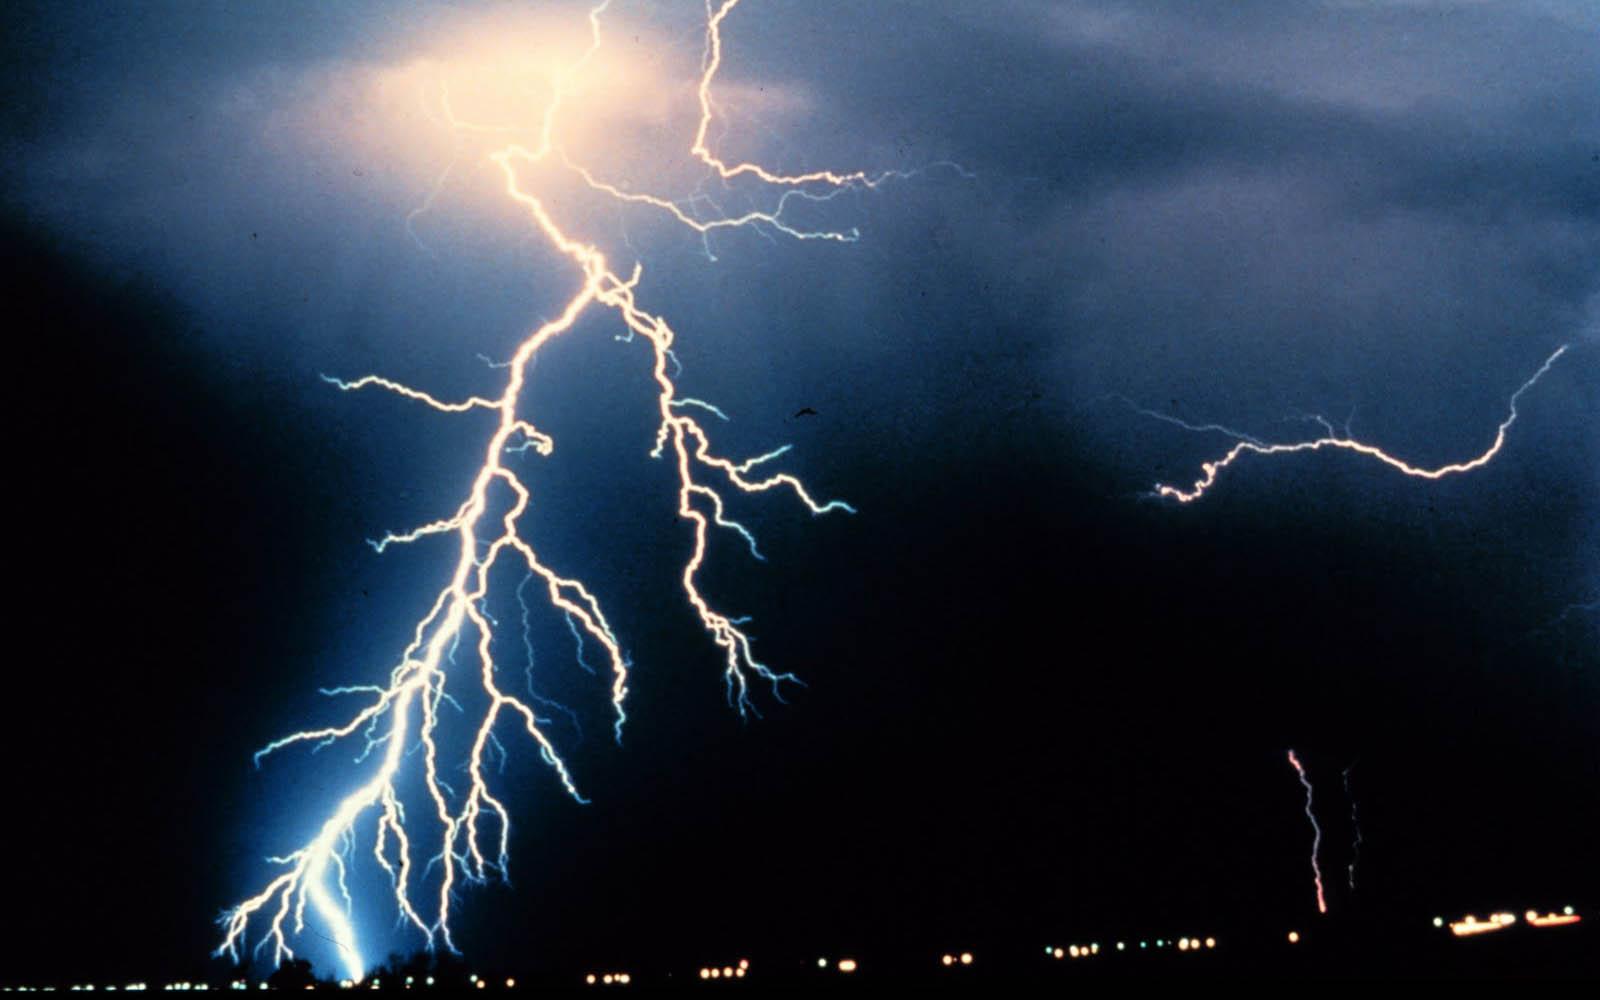 Lightning Wallpapers Lightning Desktop Wallpapers Lightning Desktop 1600x1000